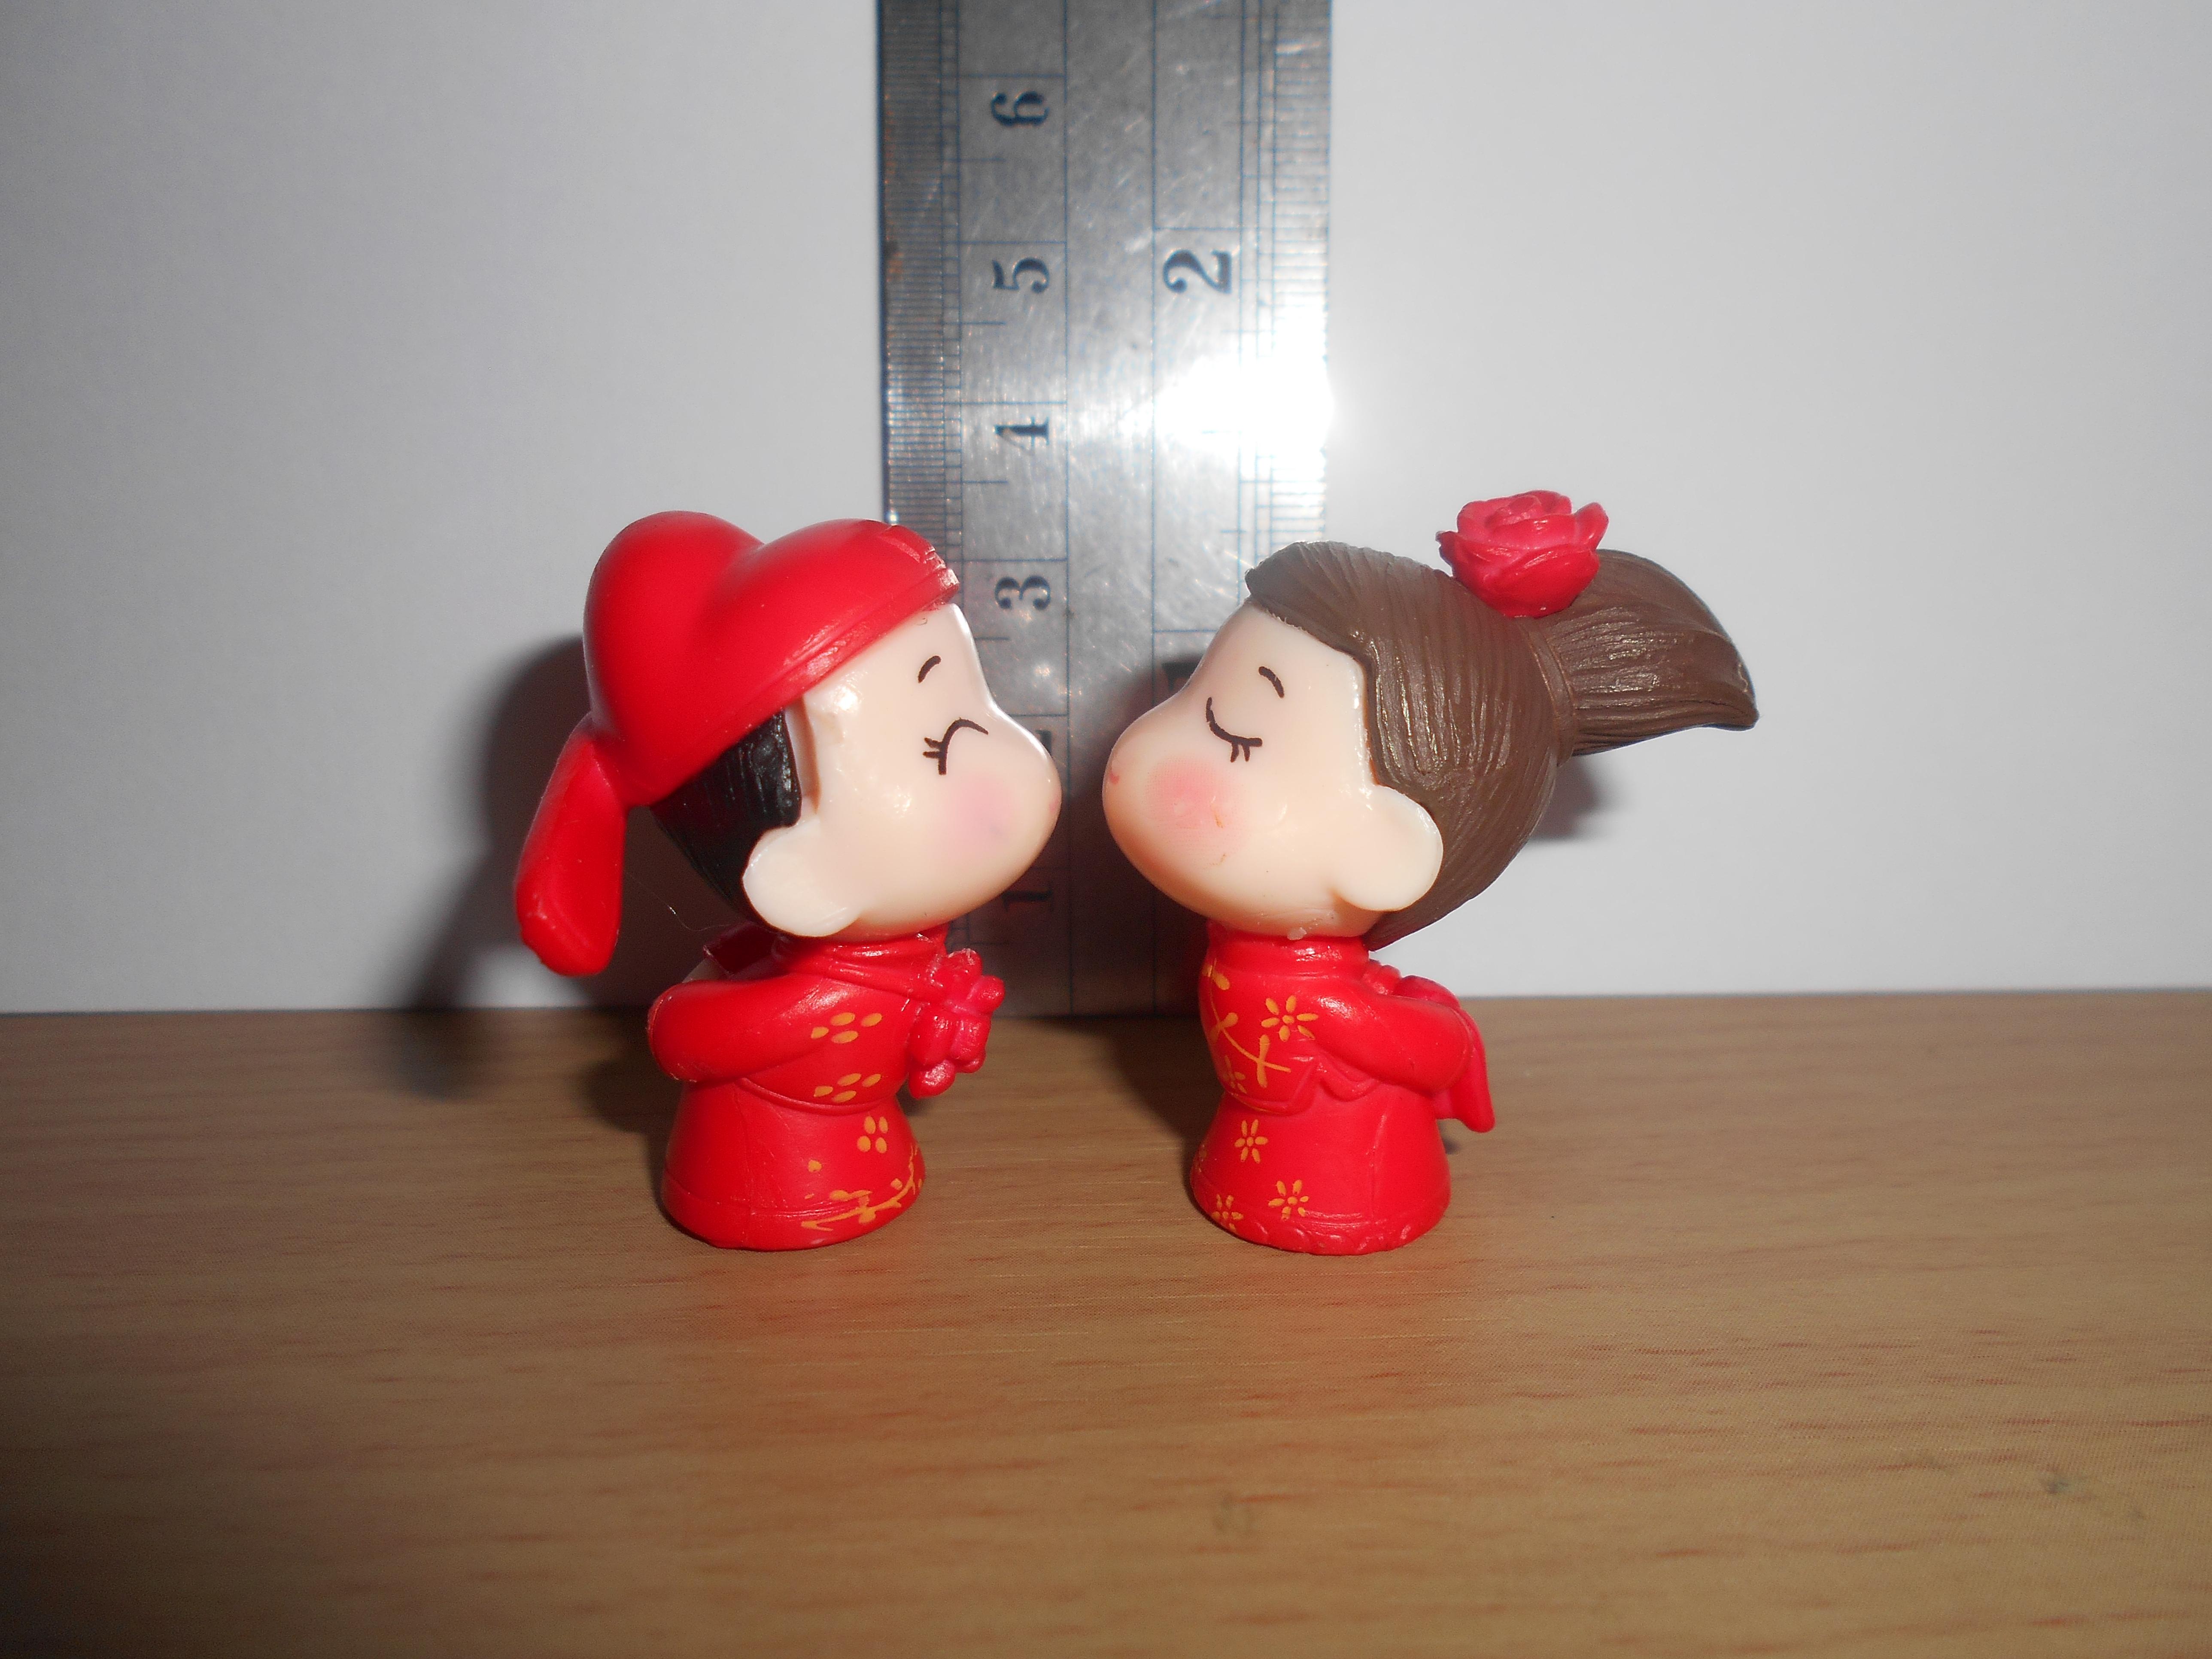 ตุ๊กตาจิ๋วแต่งงาน คู่สีแดง